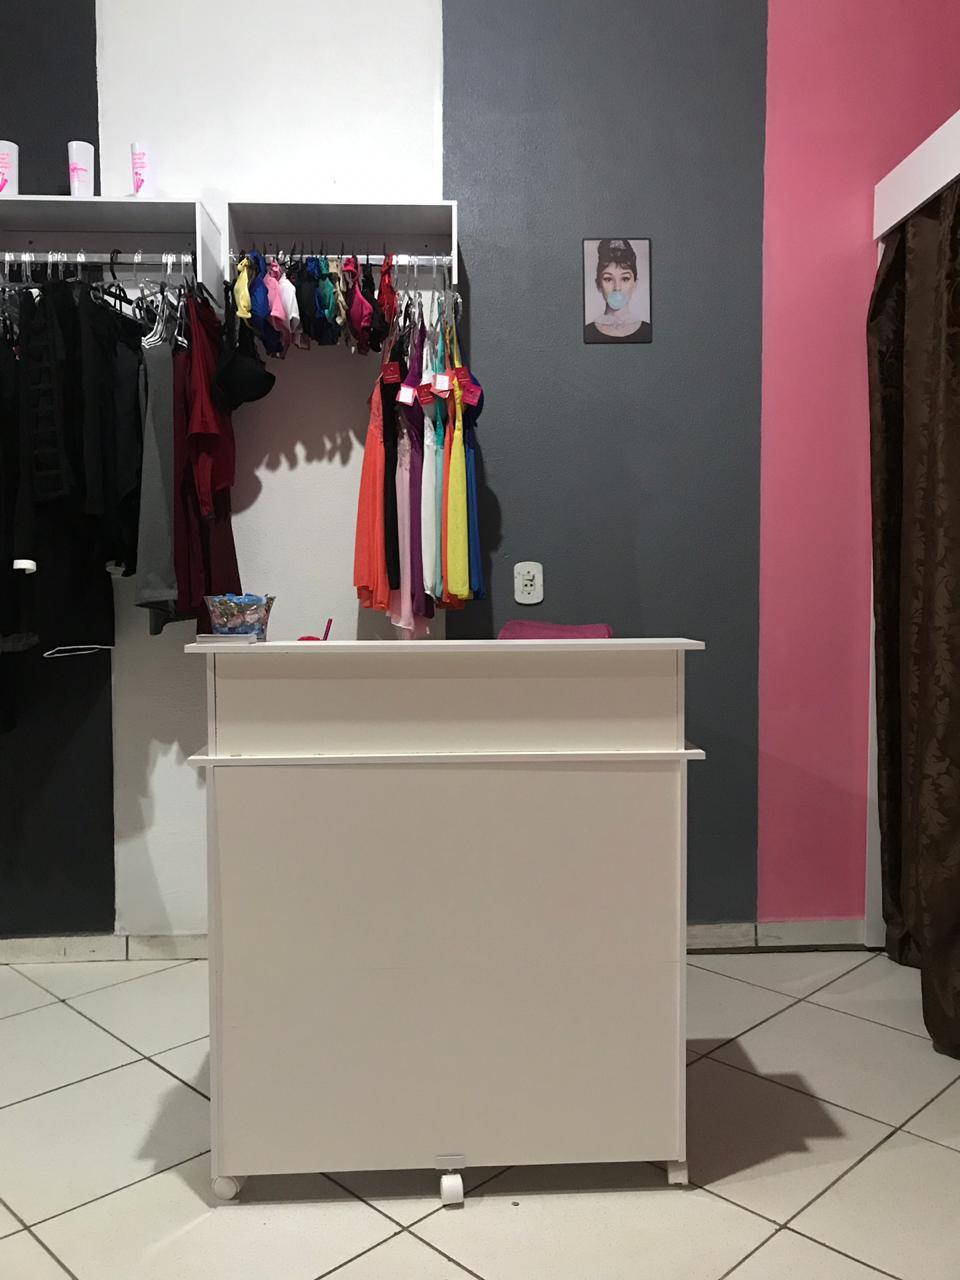 LOJA DE ROUPA COMPLETA COM PROVADOR DUPLO, 3 COLMÉIAS, BALCÃO DE ATENDIMENTO E ARARA DE PAREDE - SUPER PROMOÇÃO